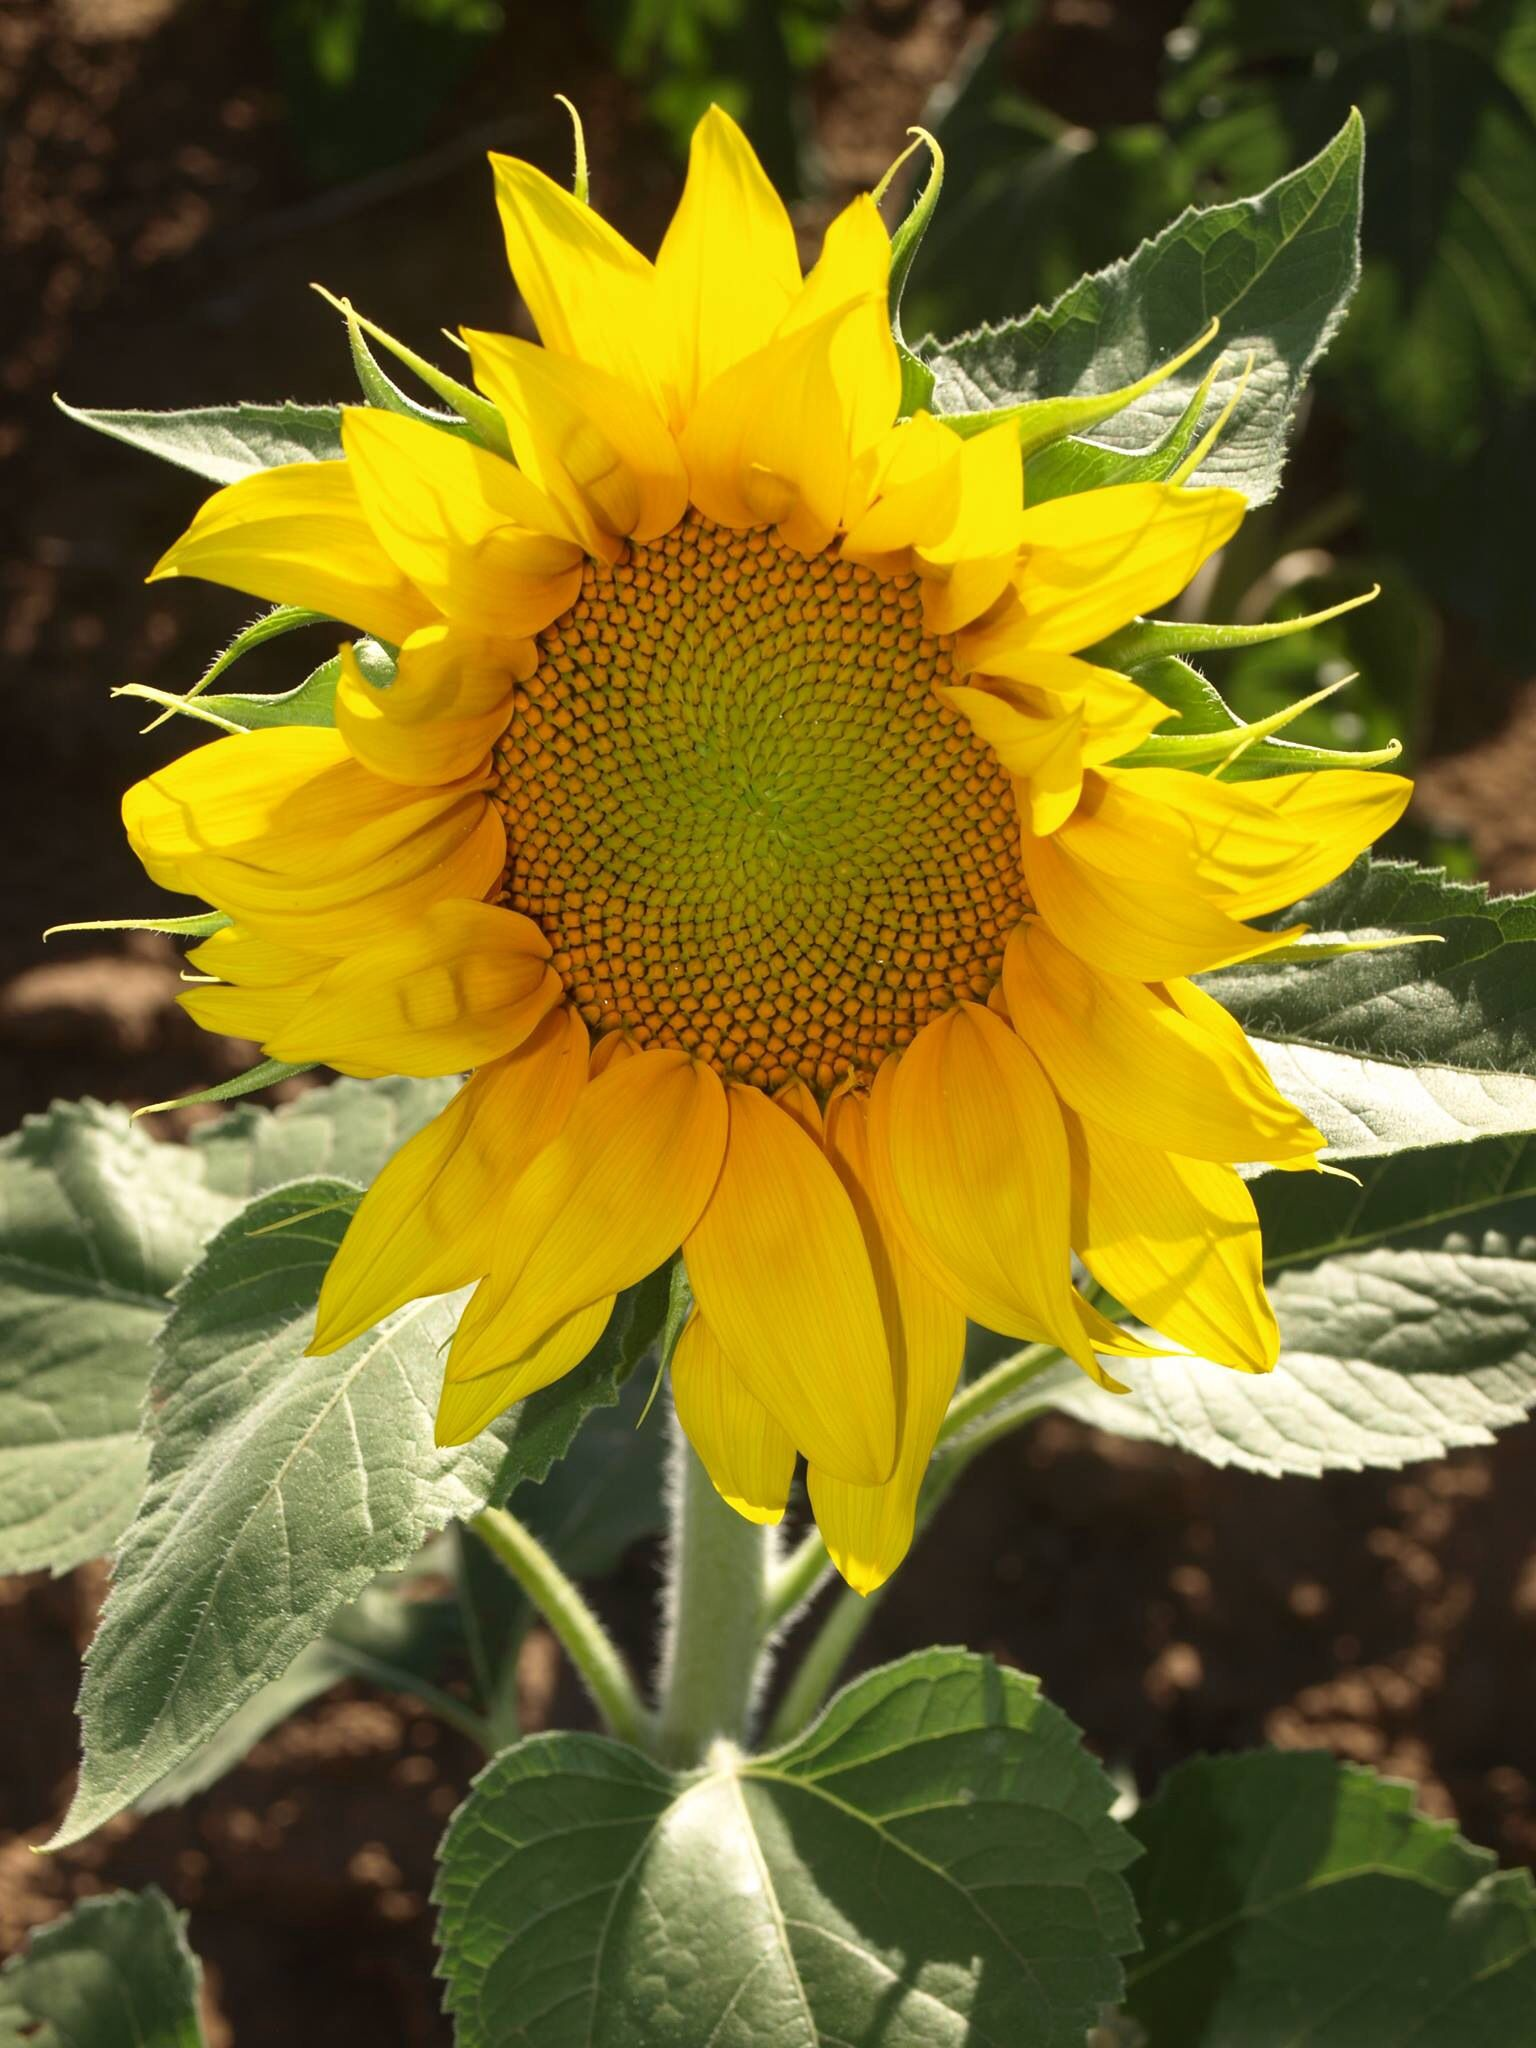 Miss Sunflower Sunflowers and daisies, Sunflower, Yellow